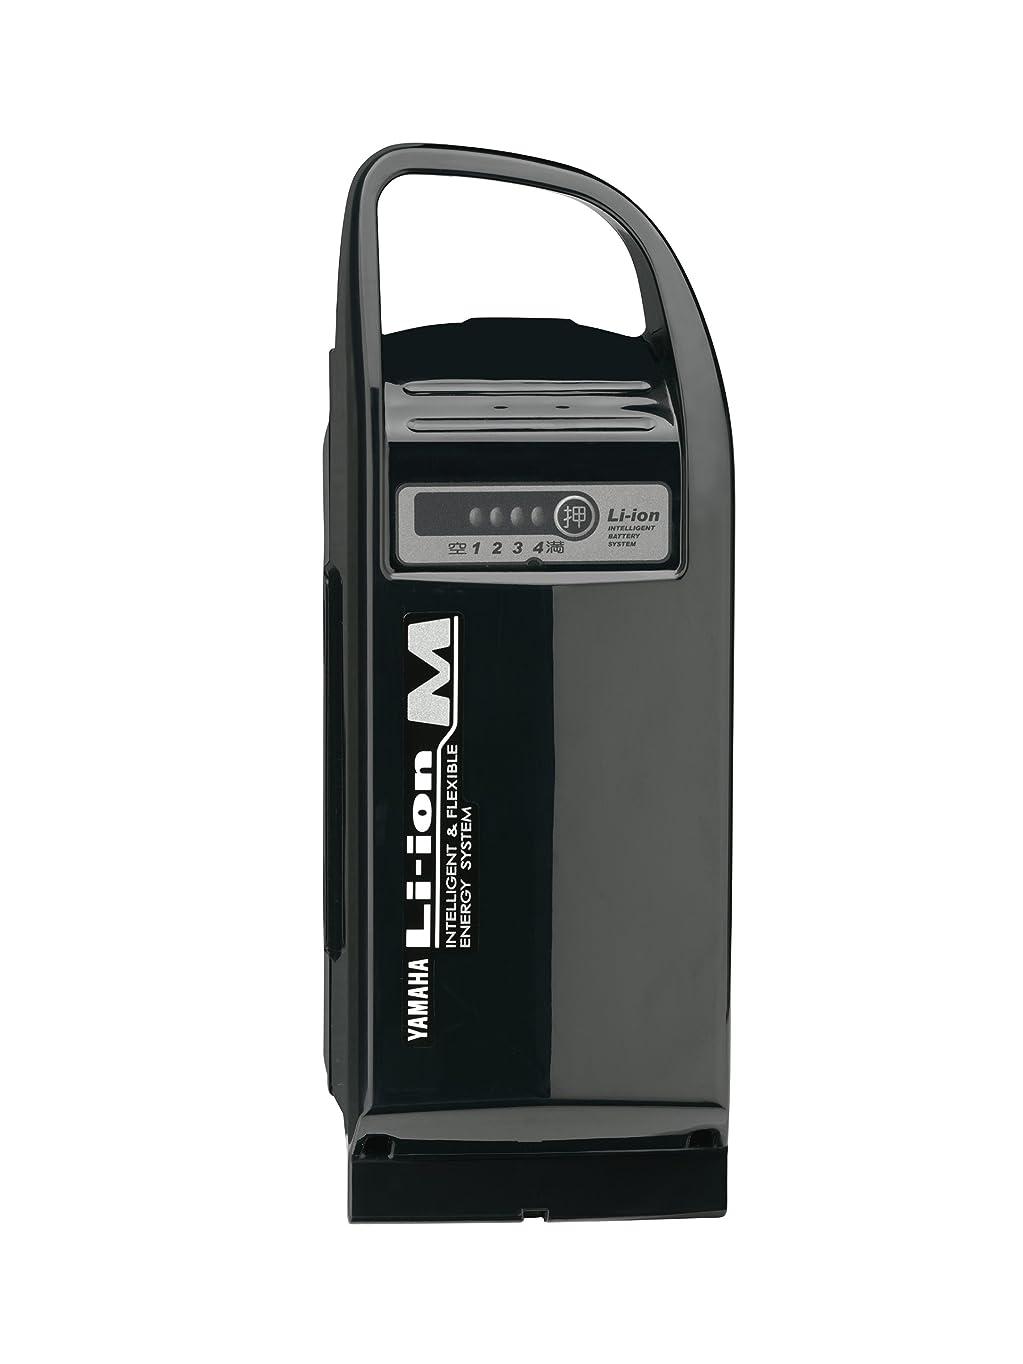 シードネズミスケッチYAMAHA(ヤマハ) リチウムLバッテリー 8.7Ah X90-20 ブラック X90-82110-20